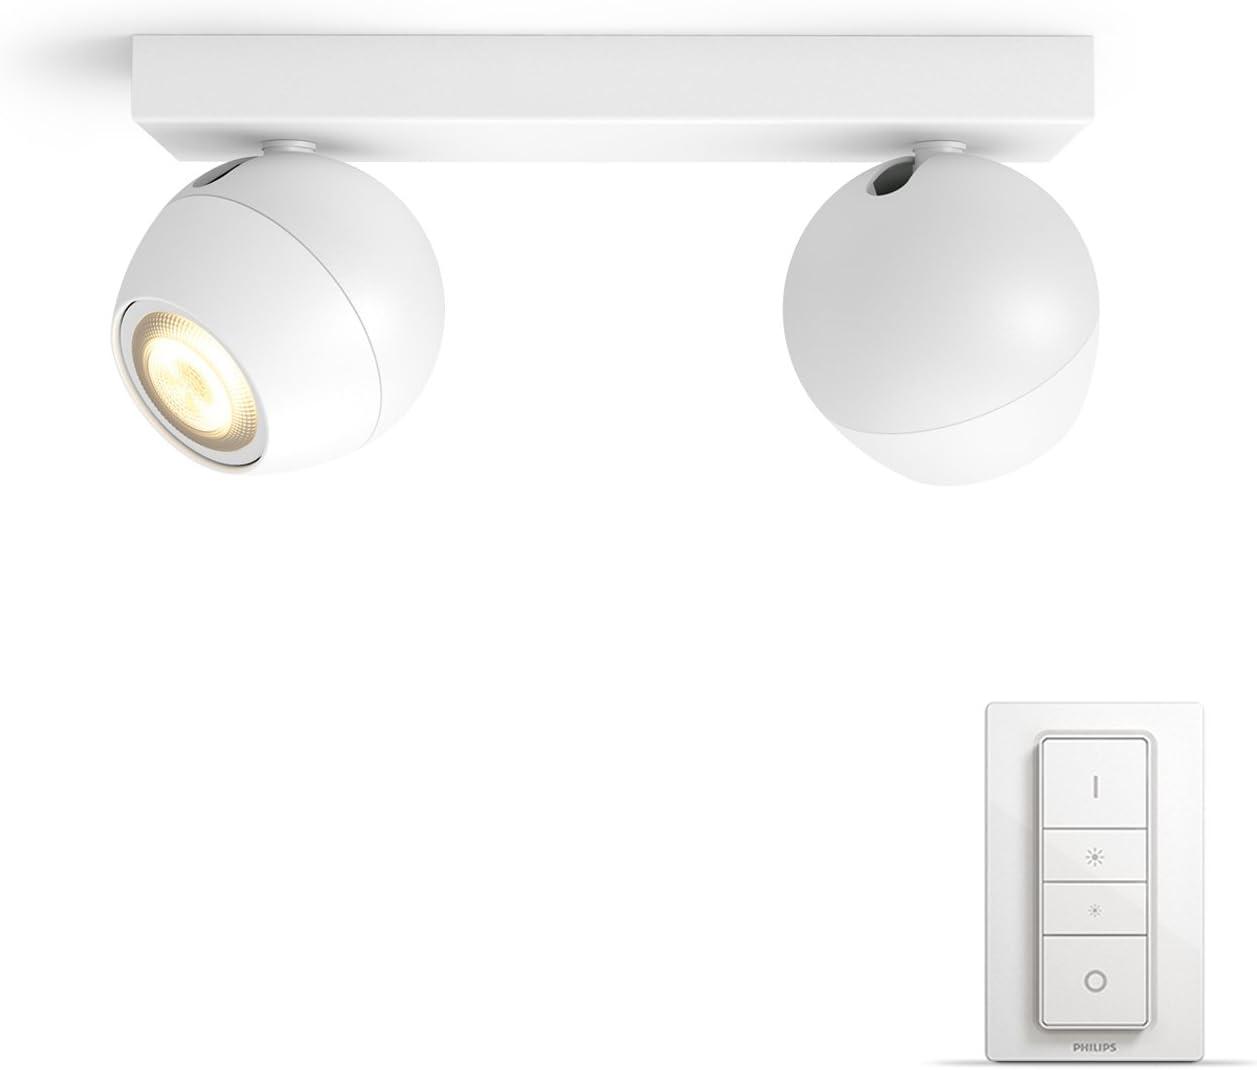 DEL Extérieur Mur Luminaire en acier inoxydable RGB Télécommande Lampe éclairage Variateur